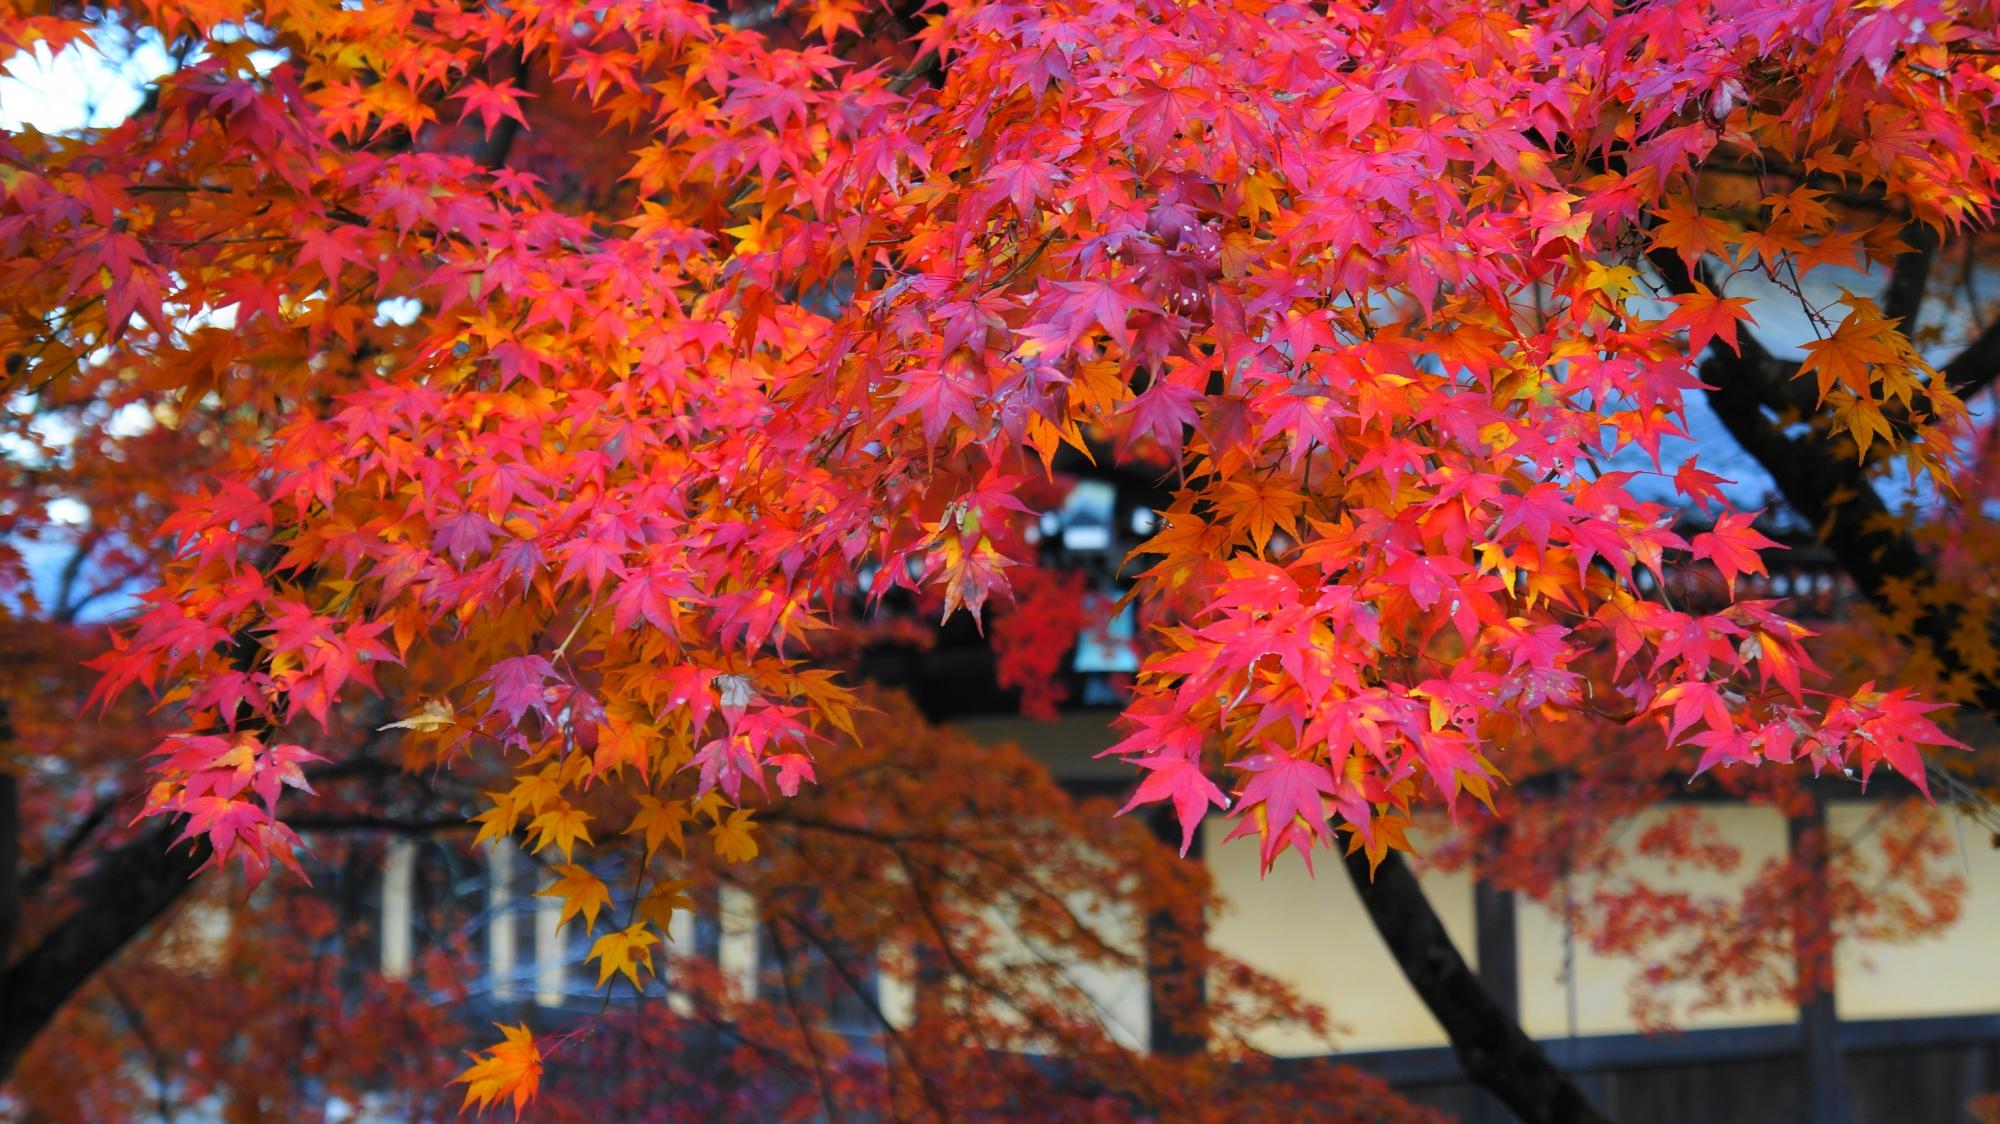 濃く色づいた南禅寺の法堂や境内を彩る美しい紅葉